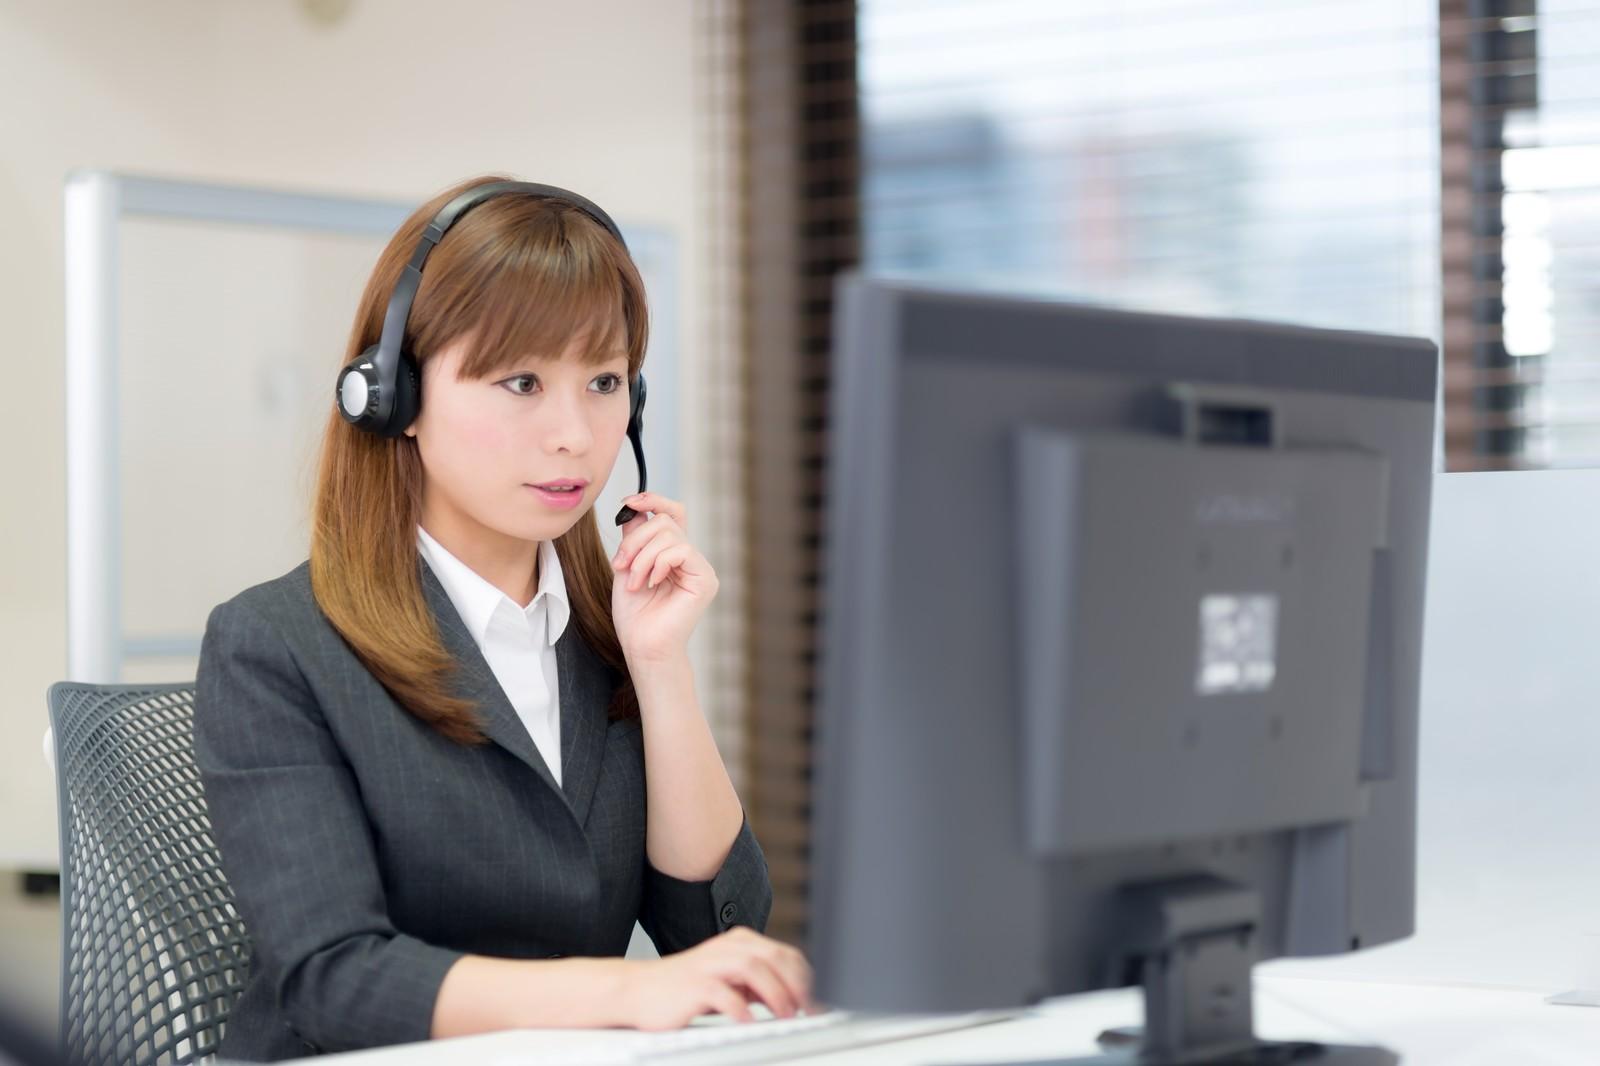 女性の方必見!女性におすすめの副業10選!初めての副業の選び方